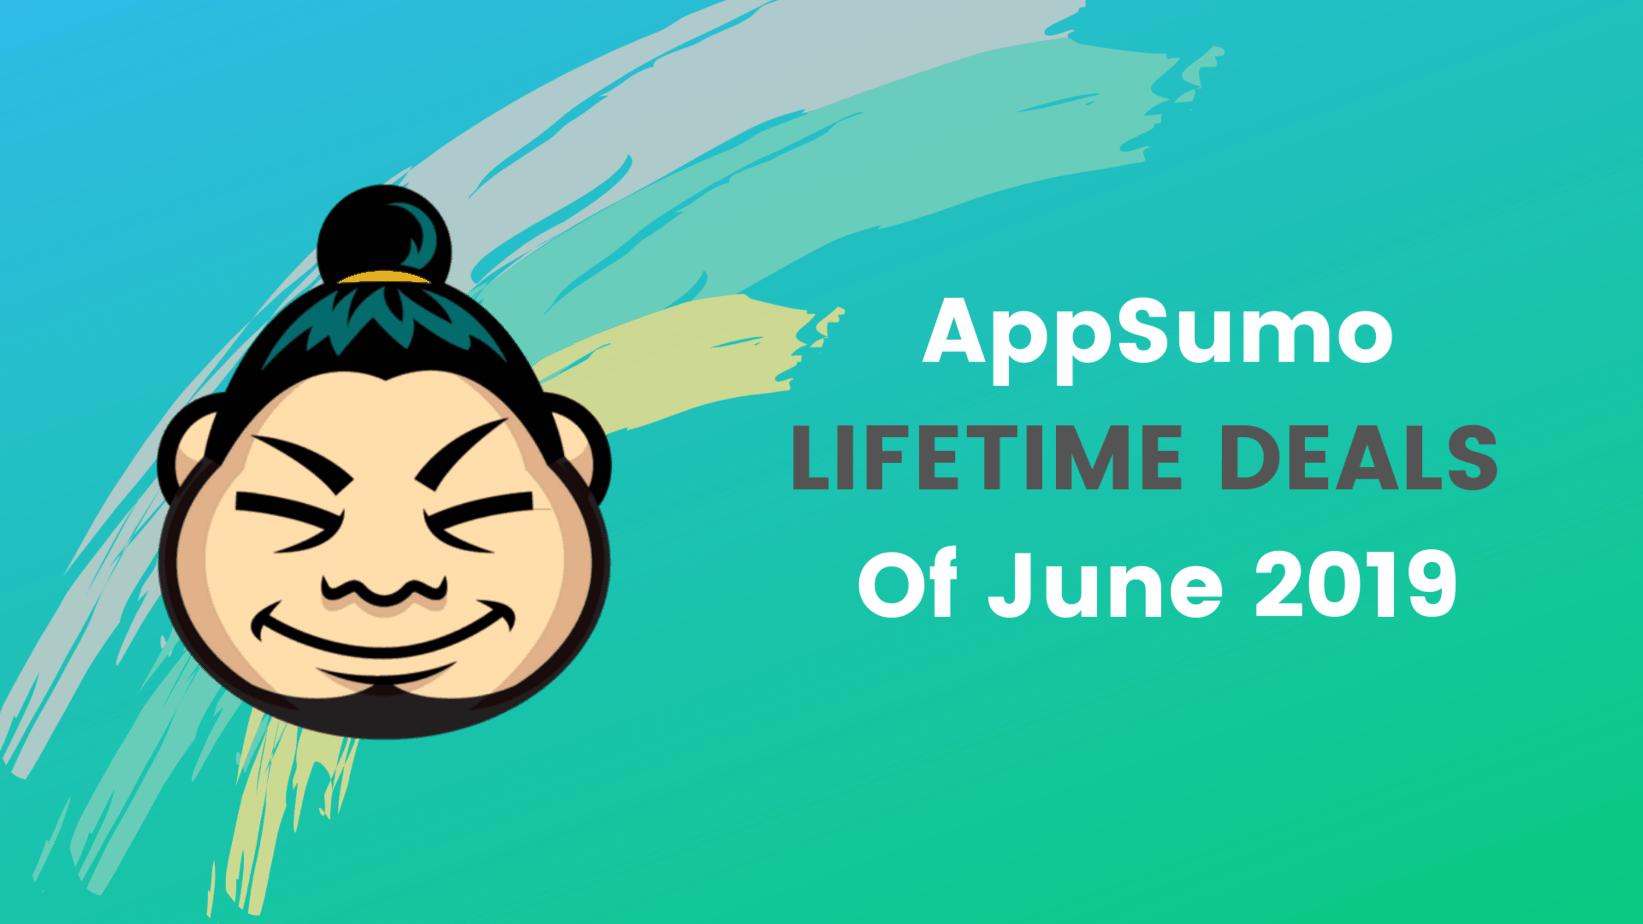 appsumo-deals-june-19